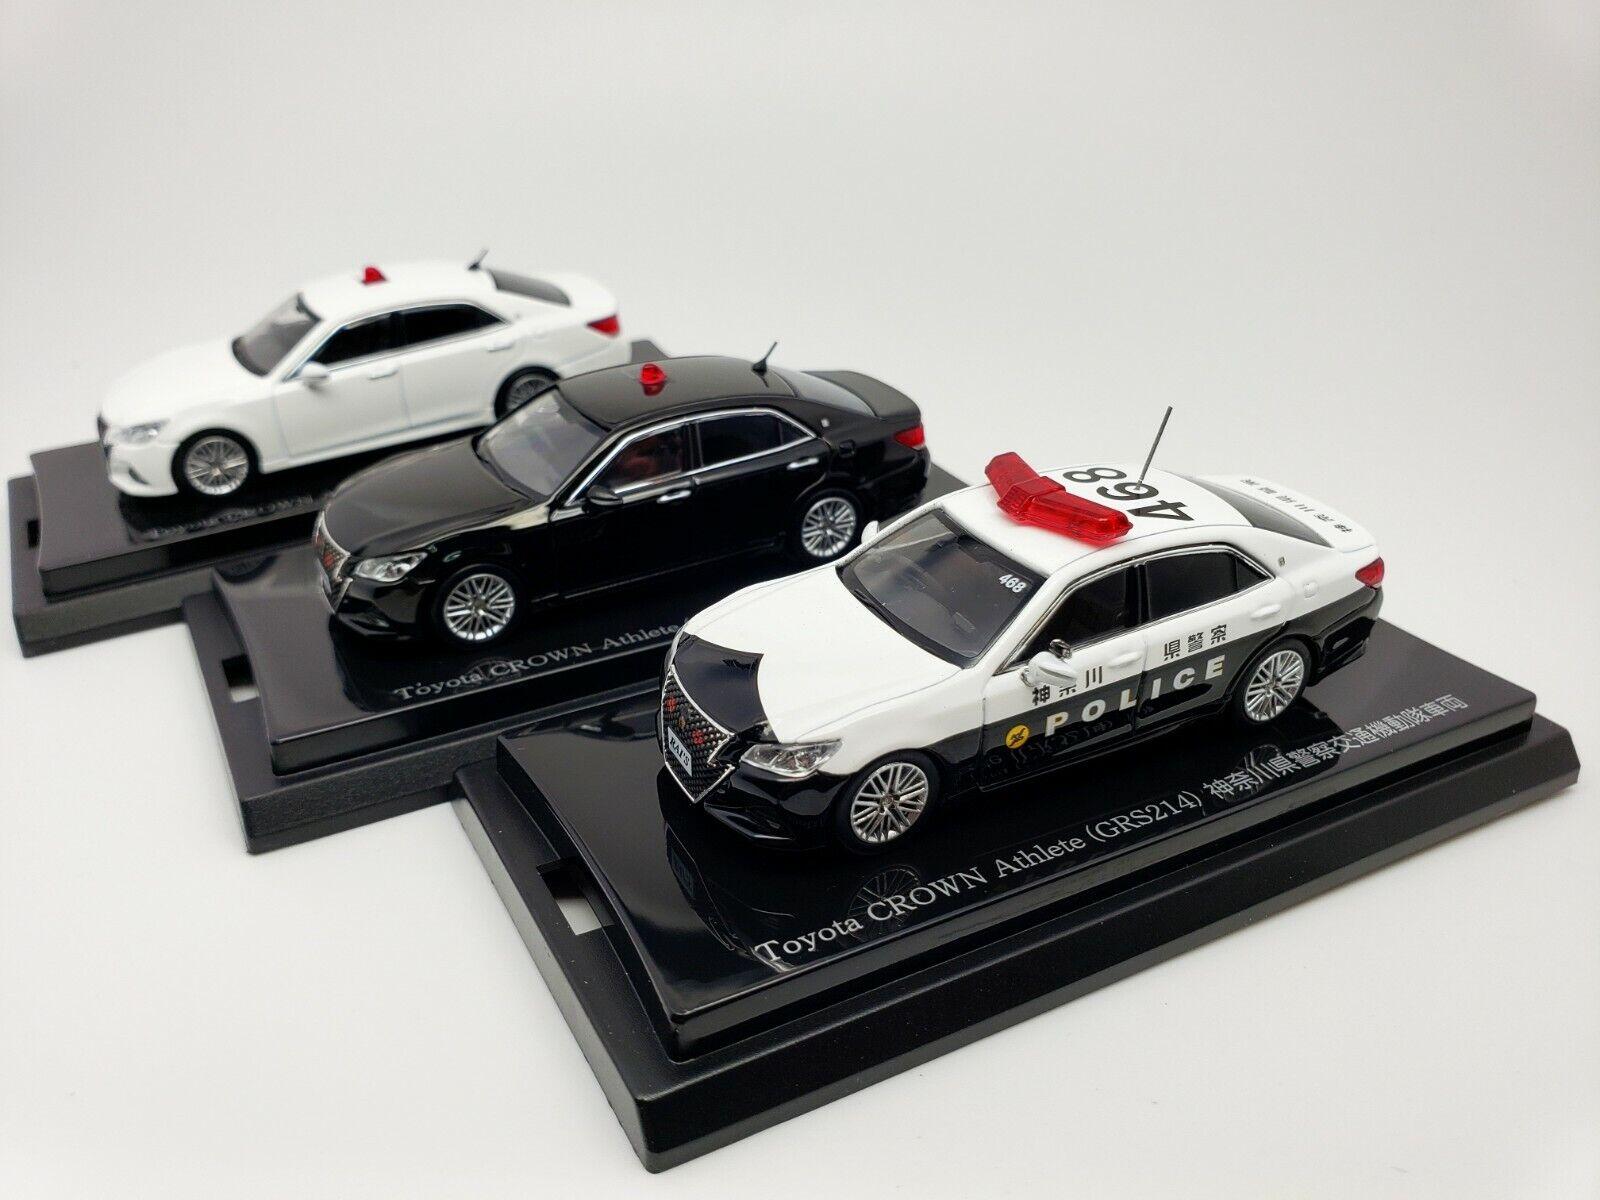 1 64 Kyosho RAI's Jugueteota Corona atleta GRS214 S Series Japón coches de policía patrulla 3